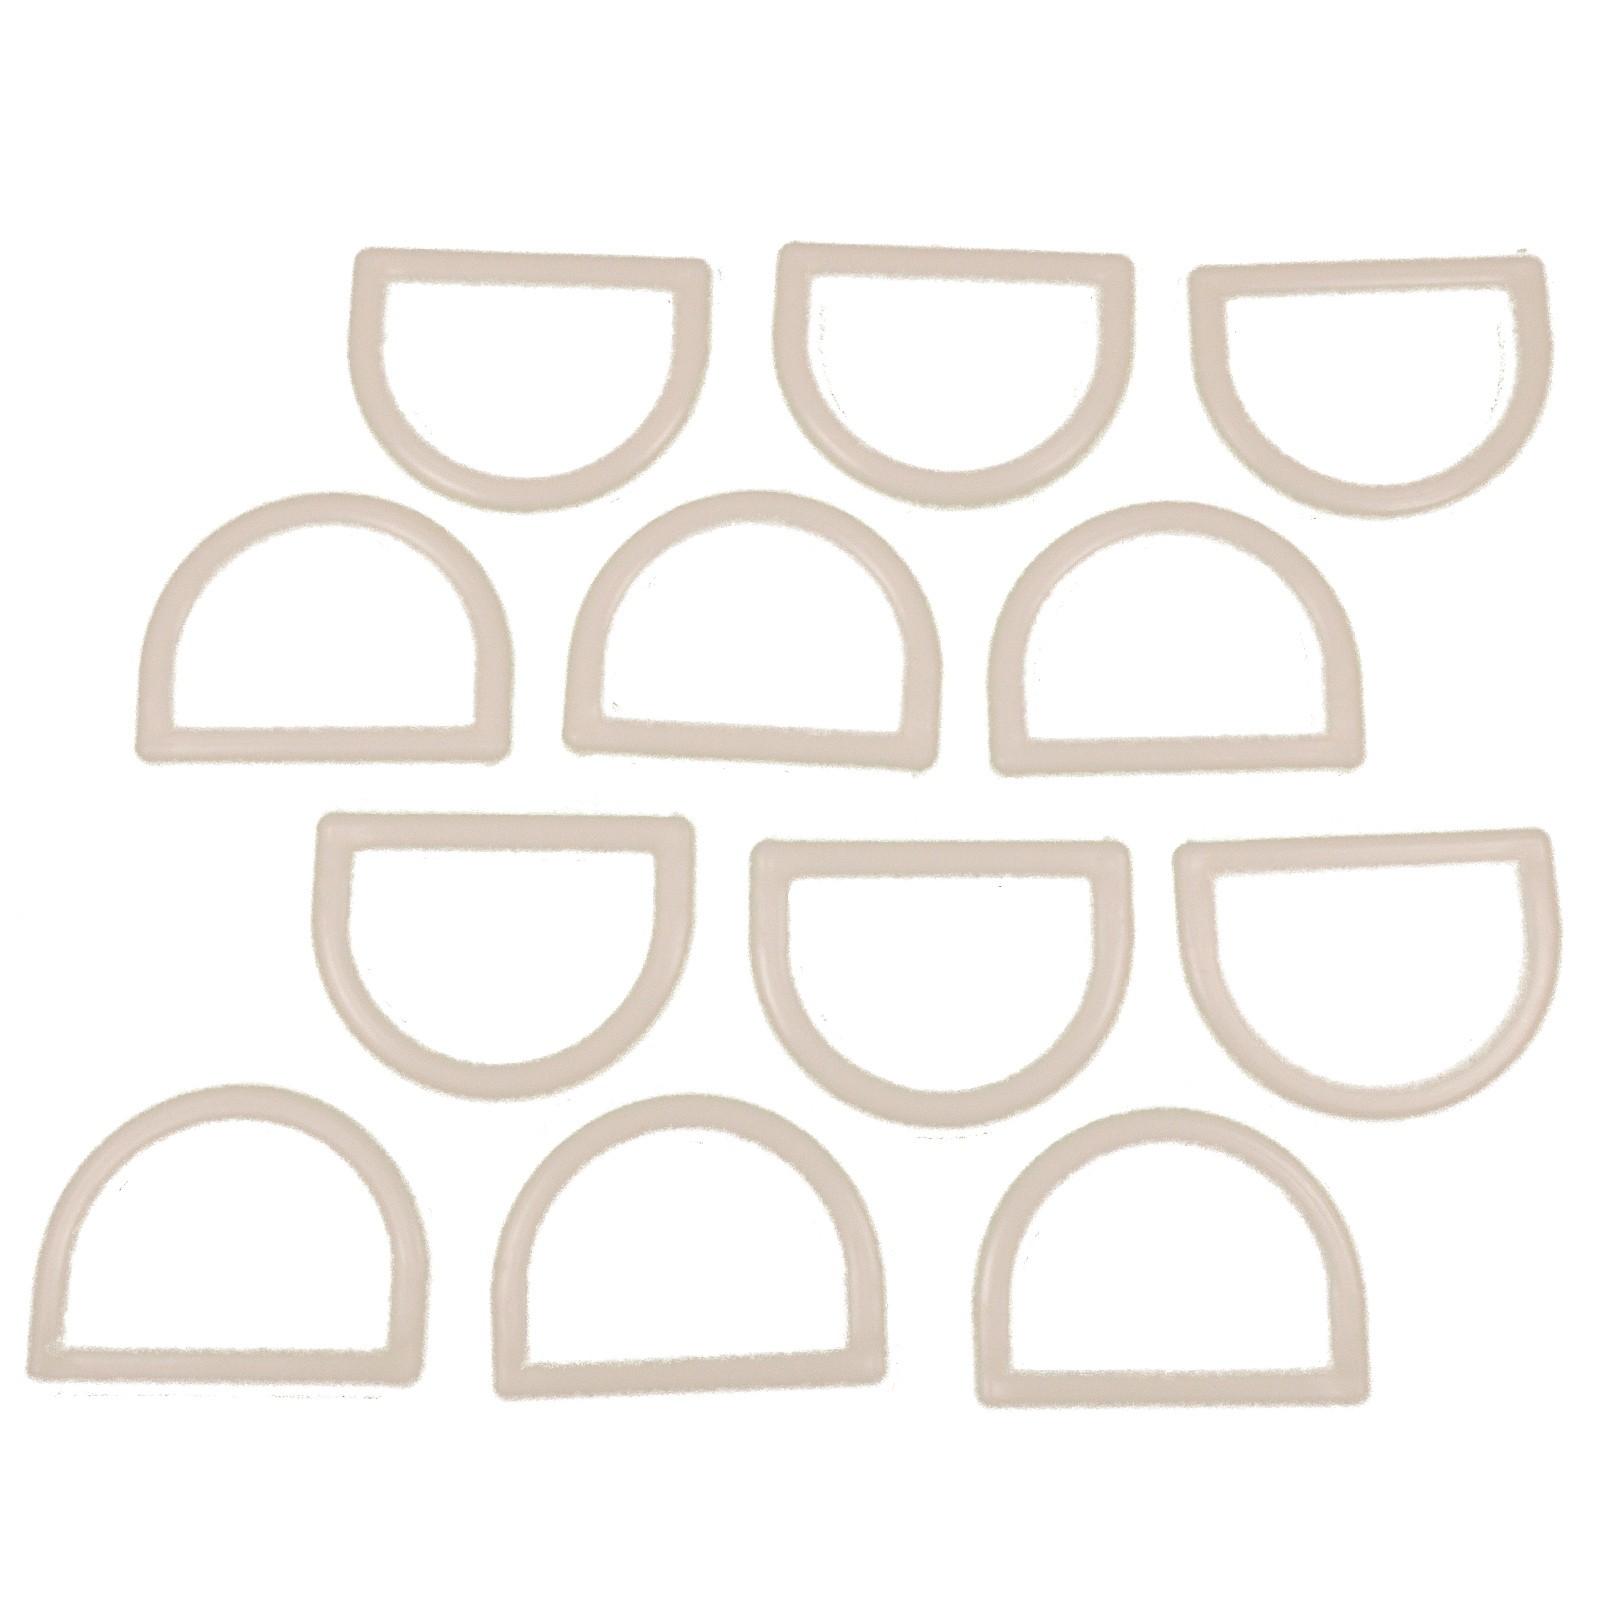 White Plastic D Rings 29mm Pack of 12